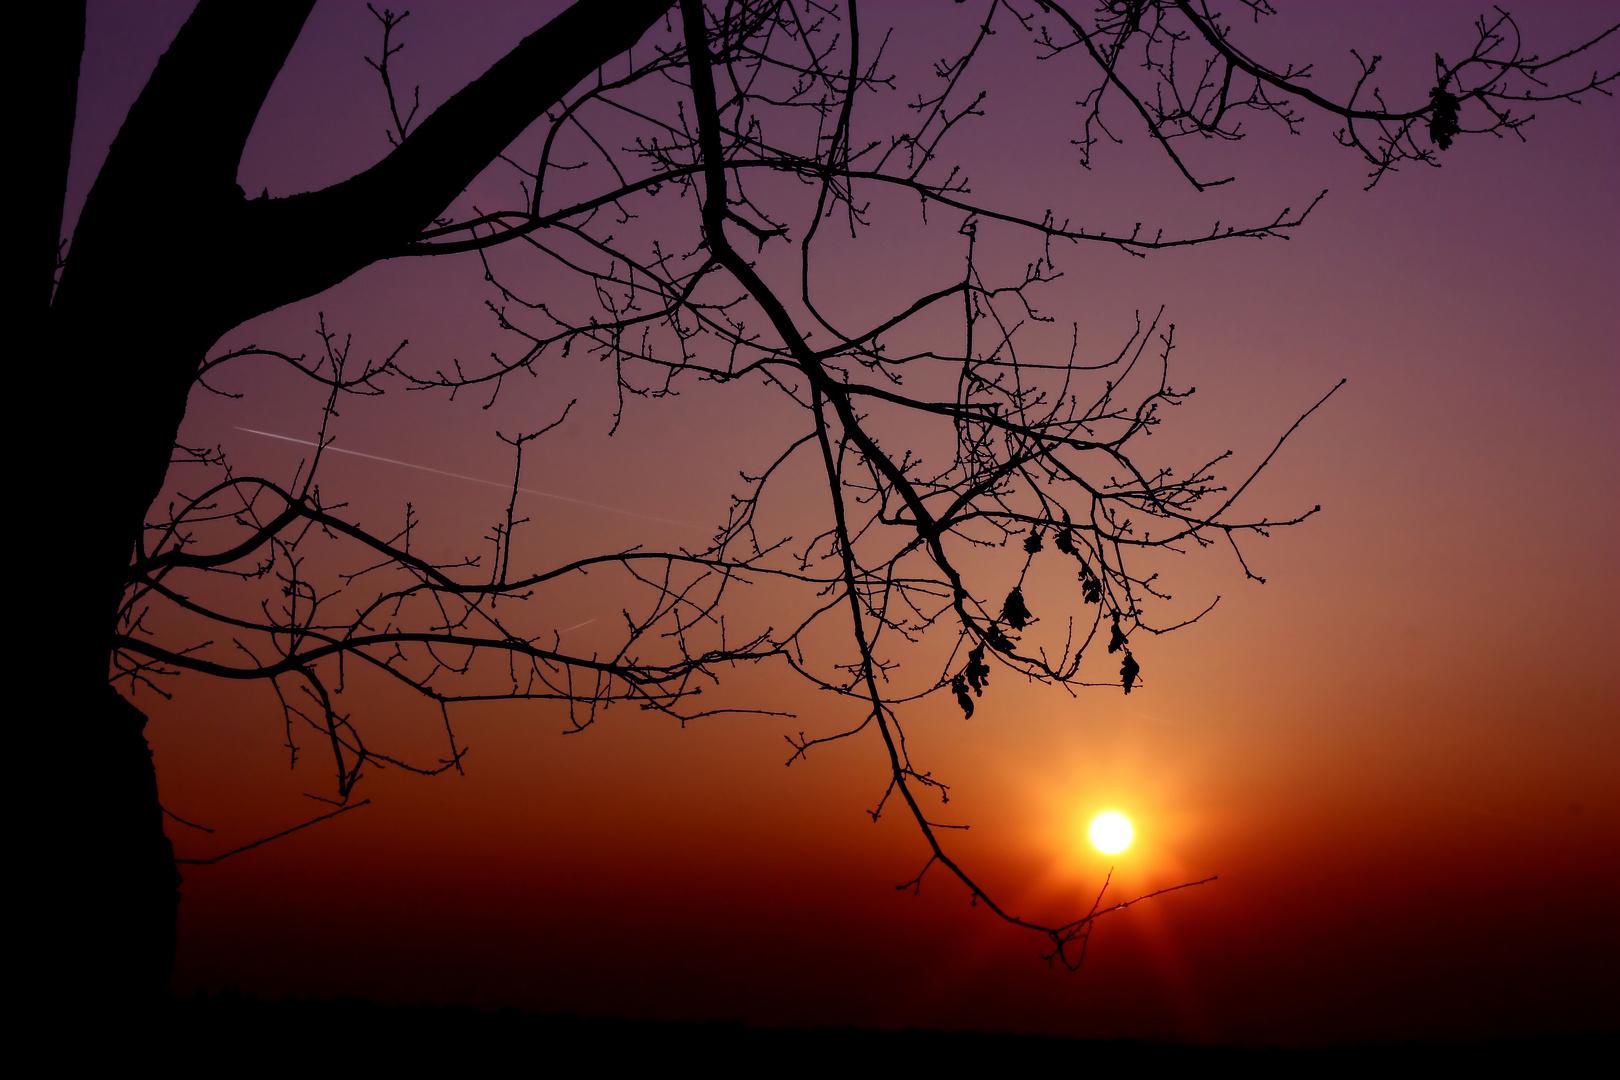 Himmlisches Farbspiel